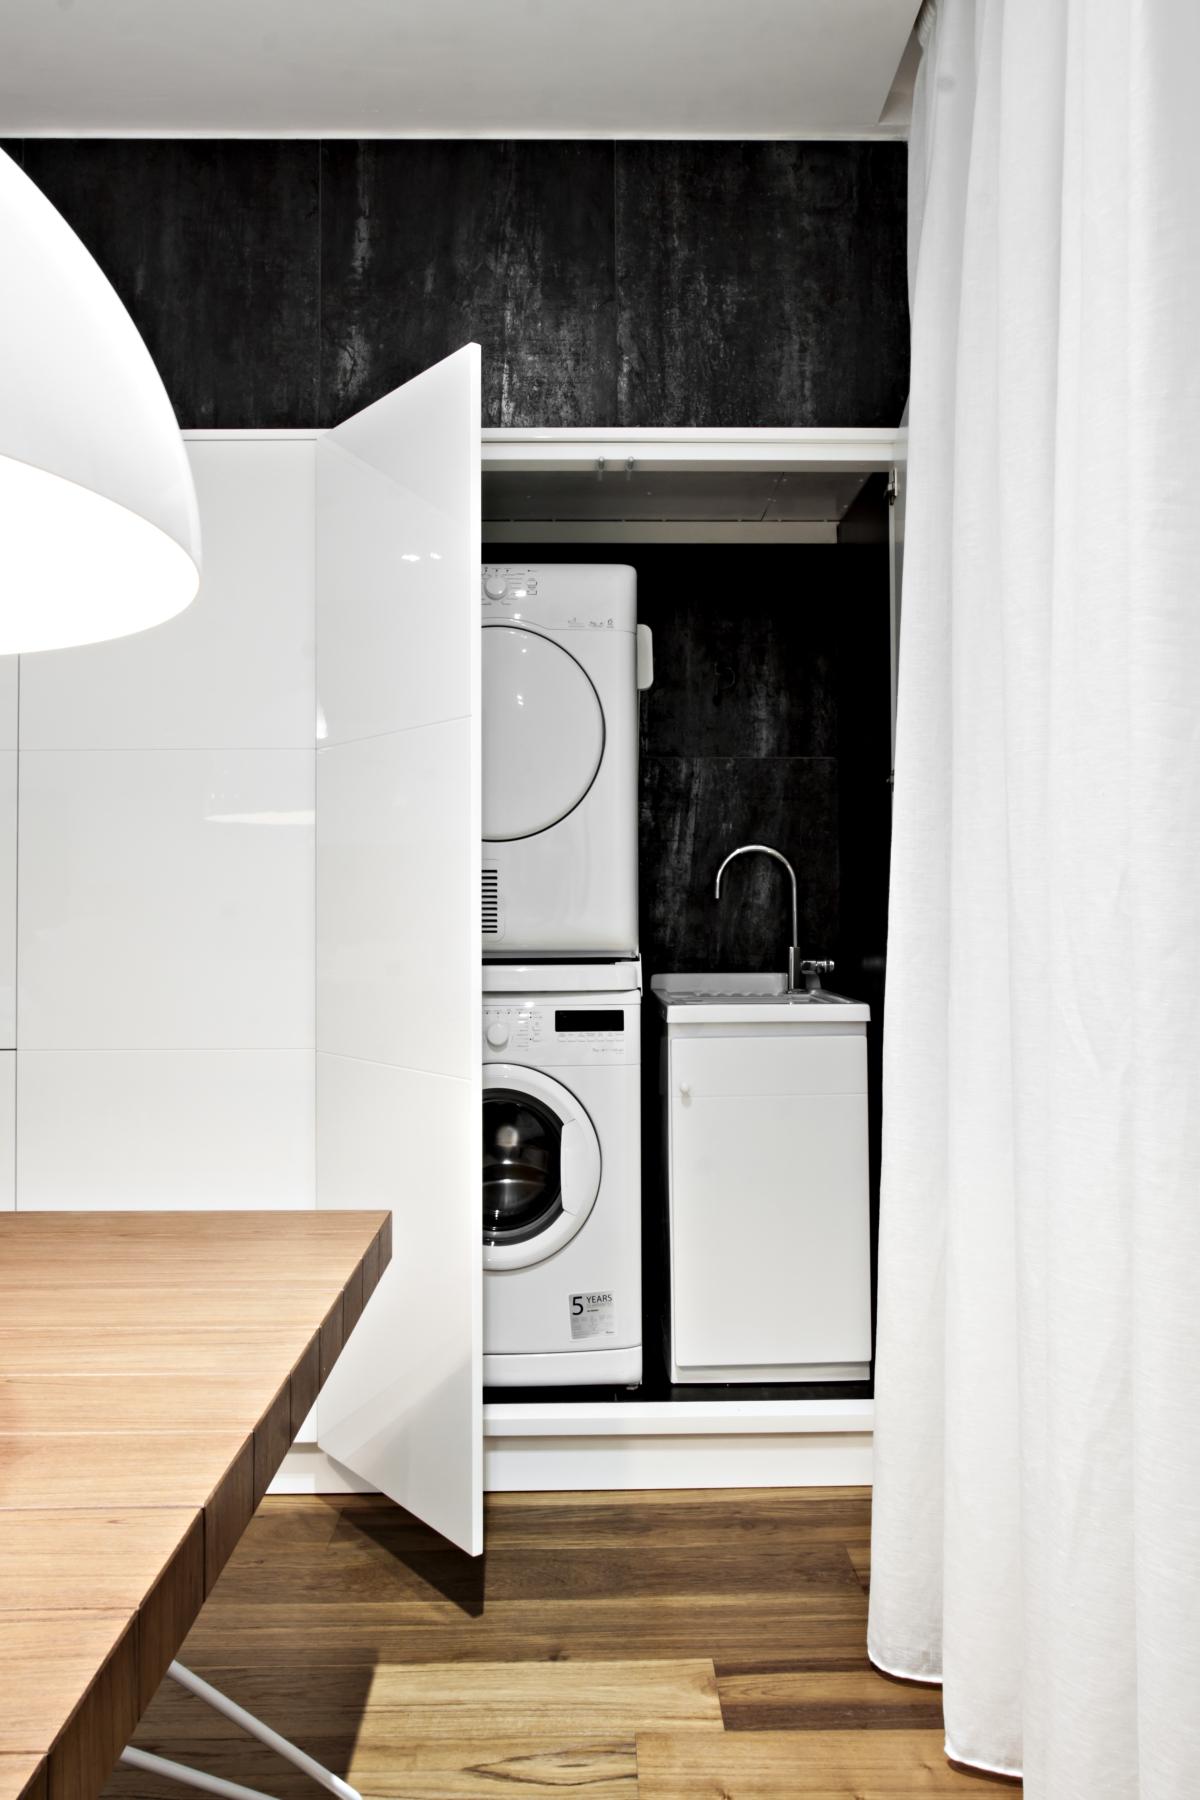 Les récipients en laqué brillant MDF intègrent tous les éléments structurels, tels que les appareils ménagers et les ustensiles.